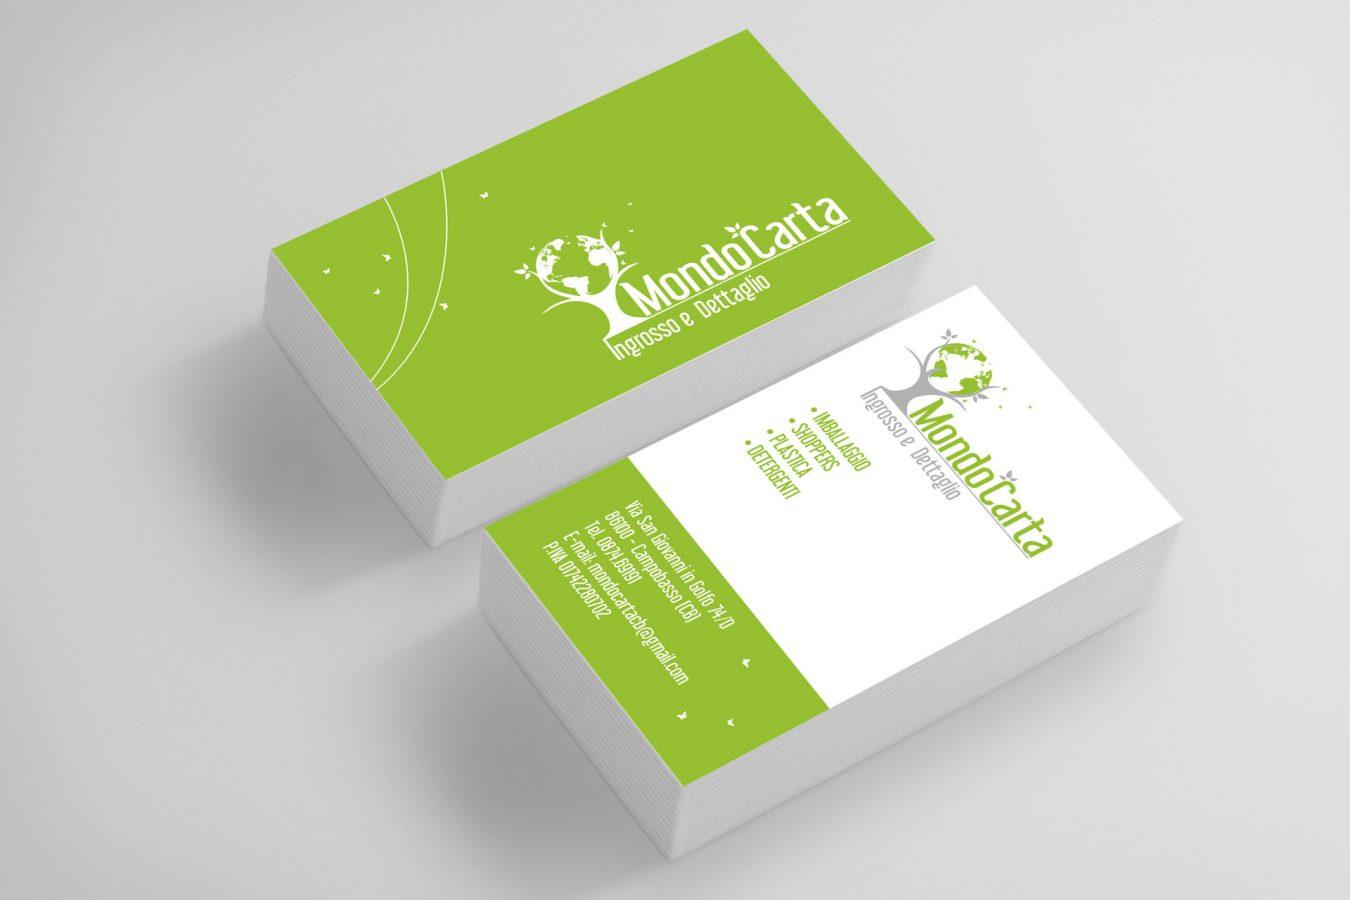 Biglietto da Visita, Business Card, Logo, Pubblicità, Grafica Campobasso